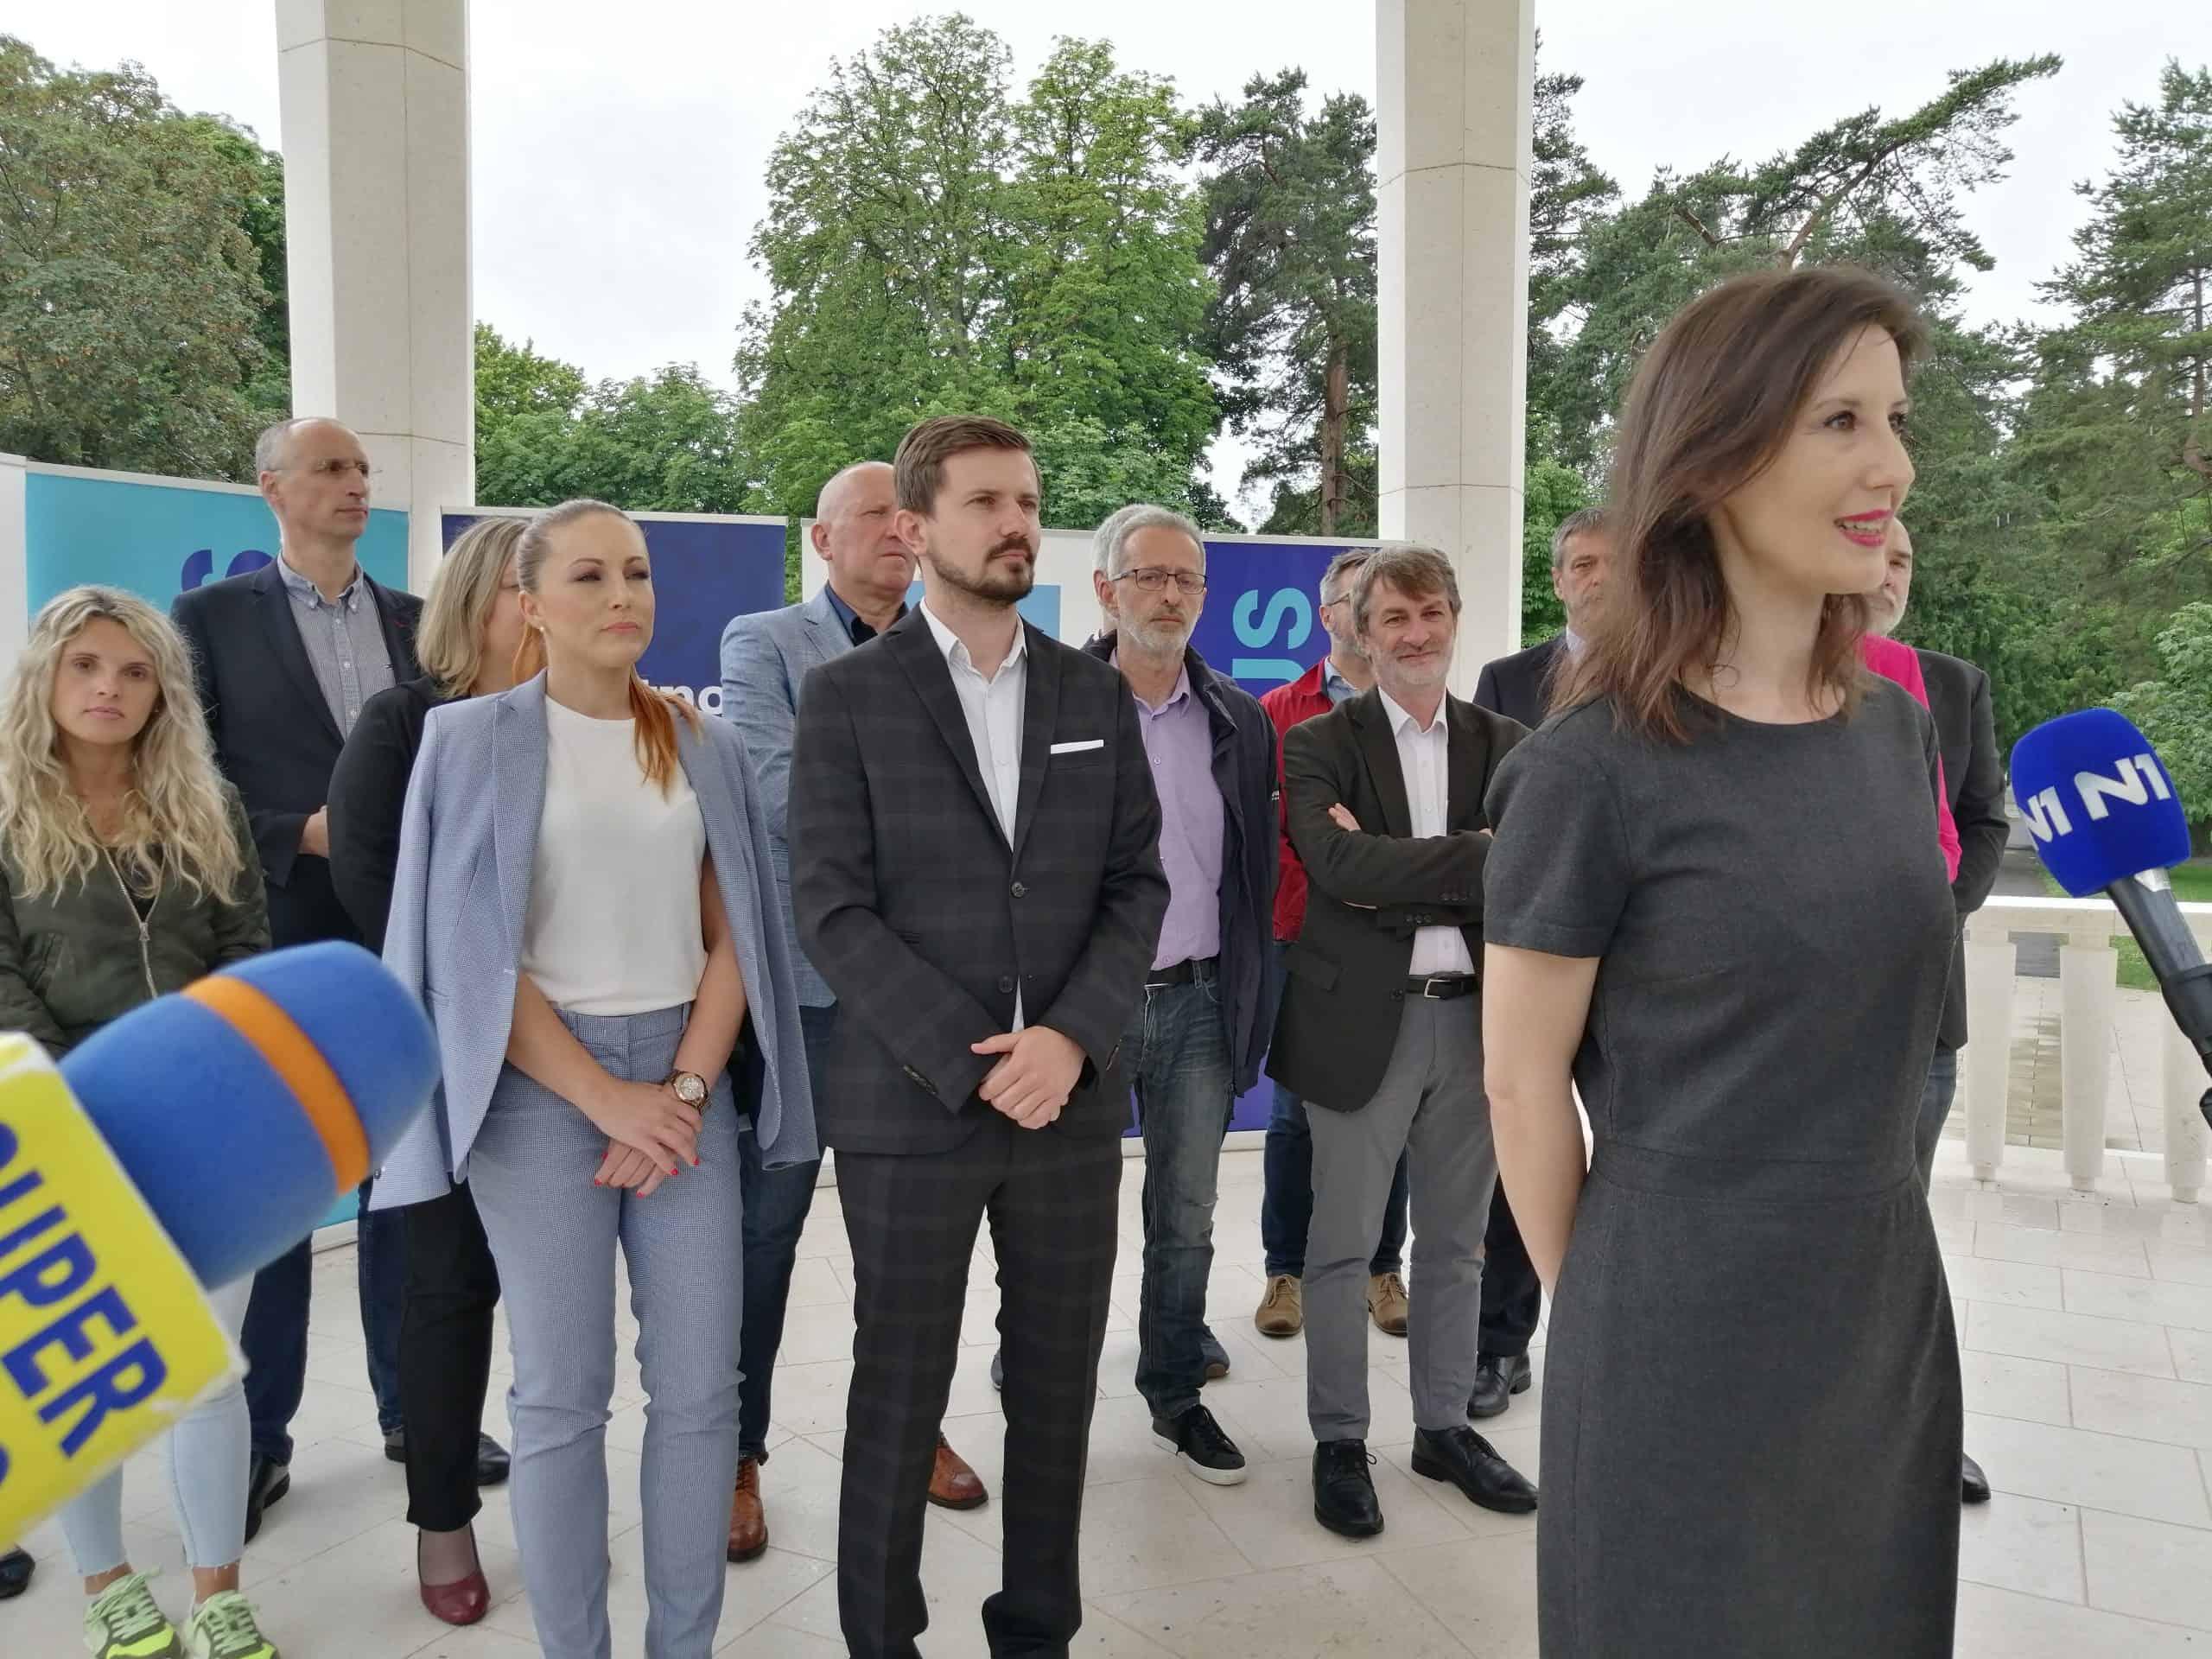 NOVA KOALICIJA Stranka s imenom i prezimenom, Pametno i Fokus u Bjelovaru pozvali birače na promjene